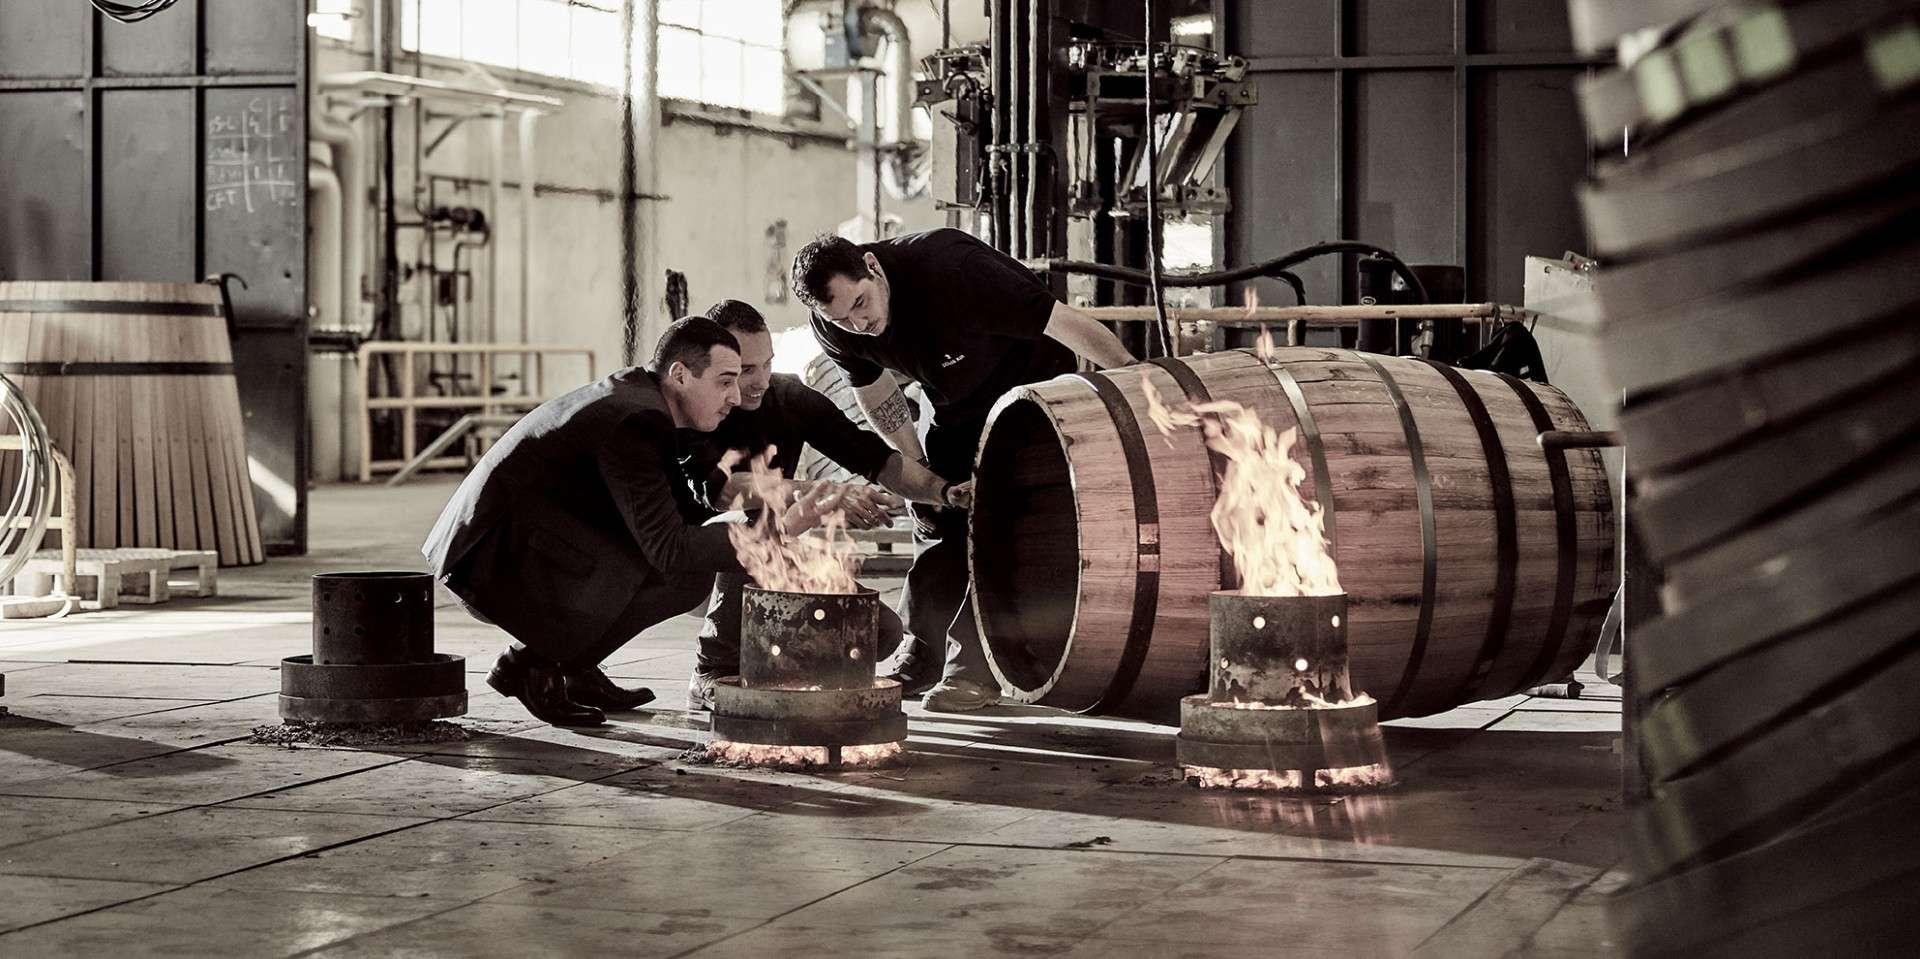 路易十三首席釀酒大師巴蒂斯特.盧瓦索再造蒂爾肯橡木桶,留待後世陳釀